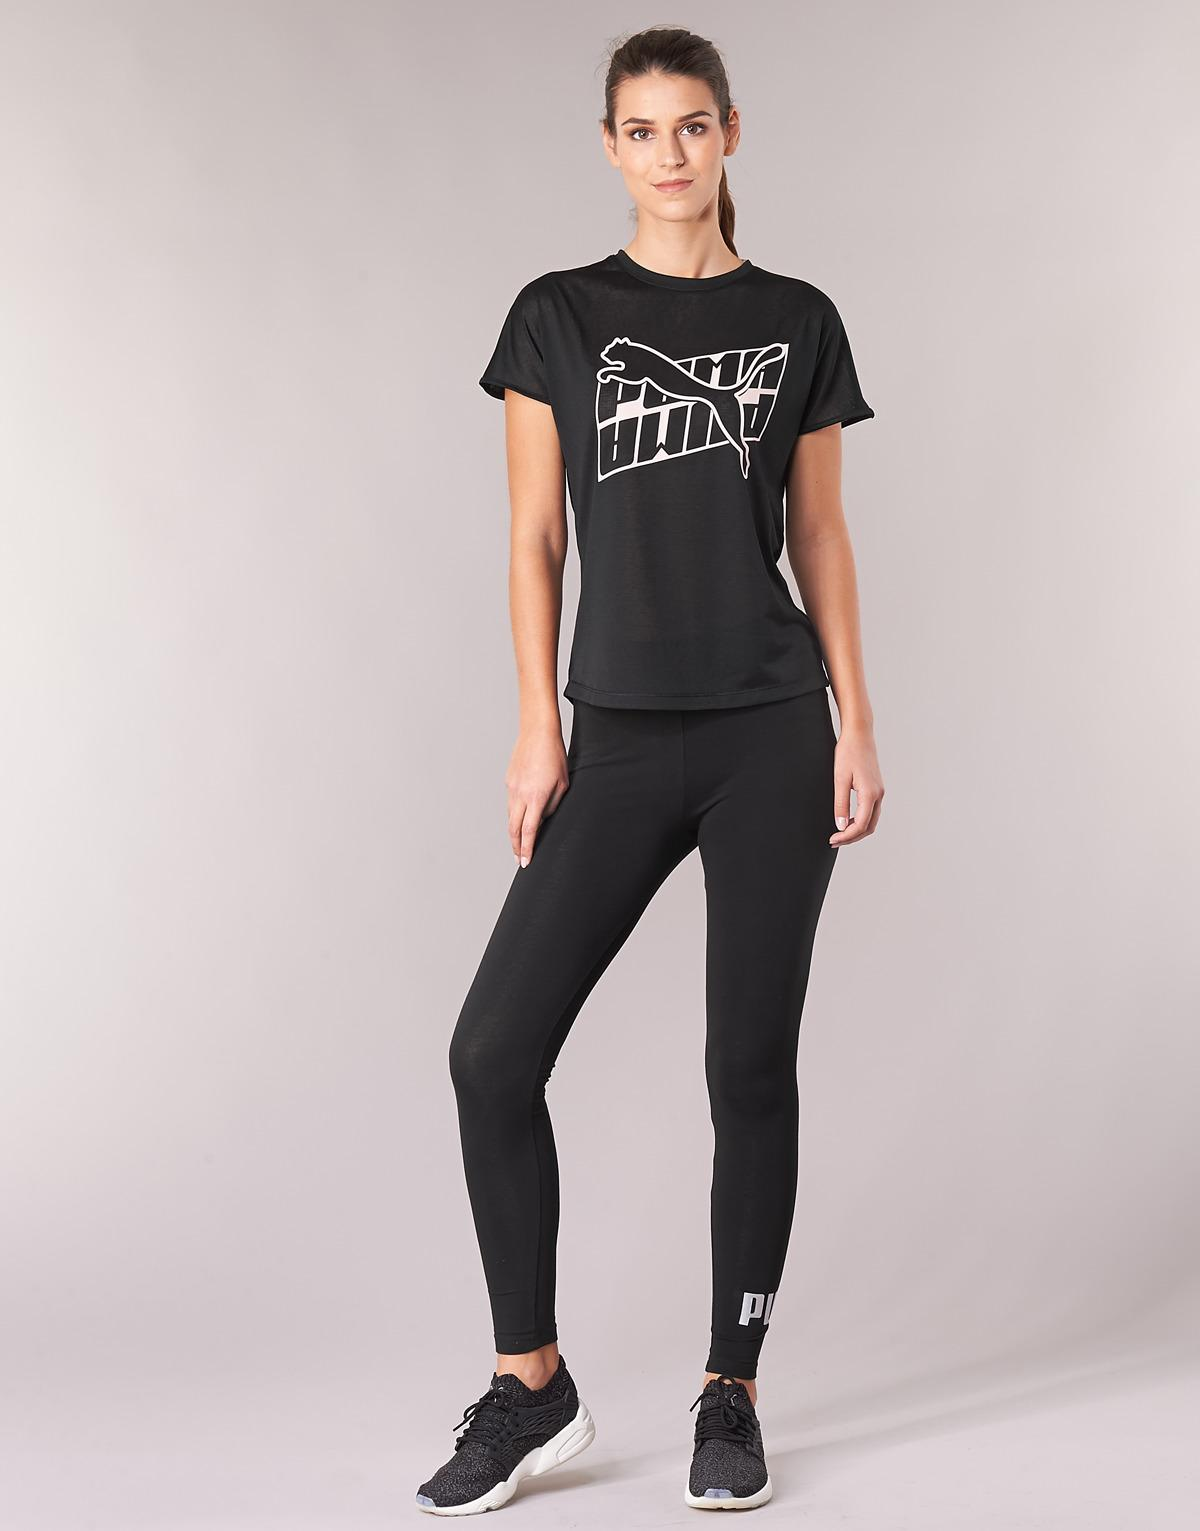 c82dda2412a102 PUMA - Ess Logo LEGGING Women's Tights In Black - Lyst. View fullscreen